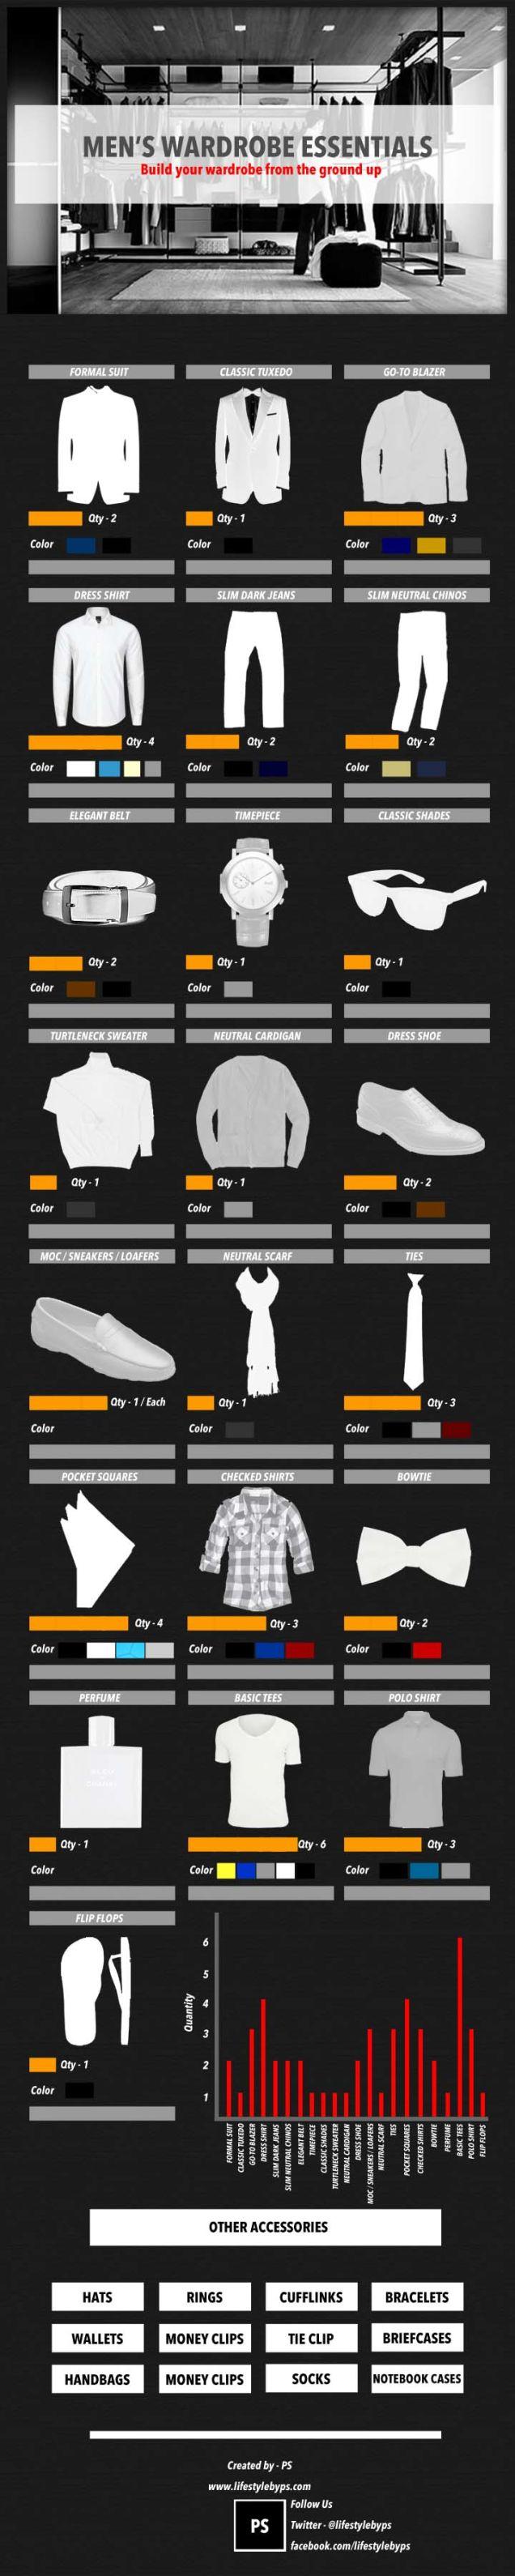 mens' wardrobe